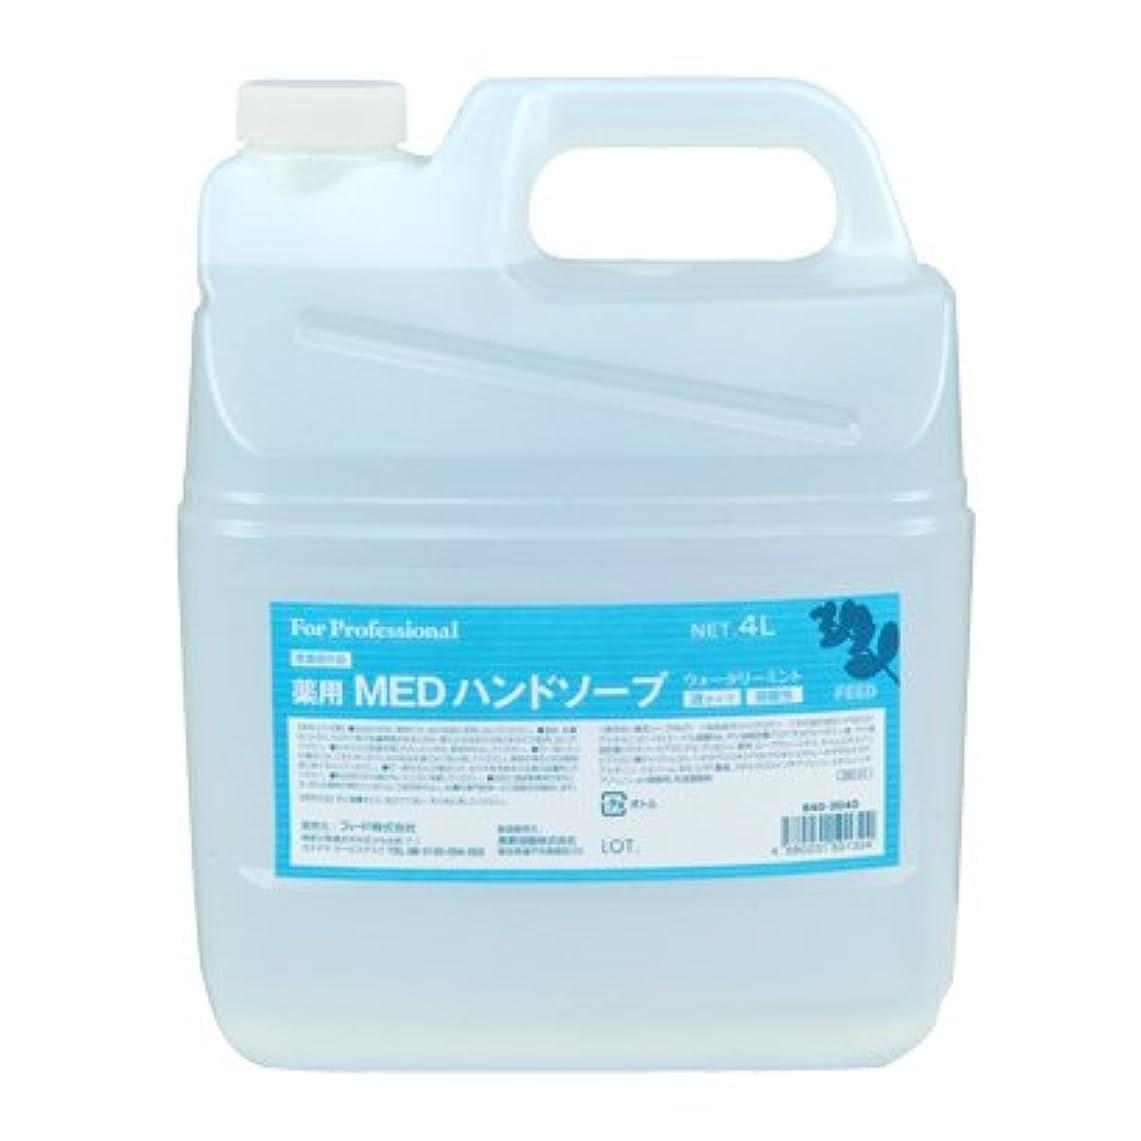 メッセンジャーグリット秘密の【業務用】 FEED(フィード) 薬用 MEDハンドソープ 液タイプ/4L詰替用 ハンドソープ(液タイプ) 入数 1本